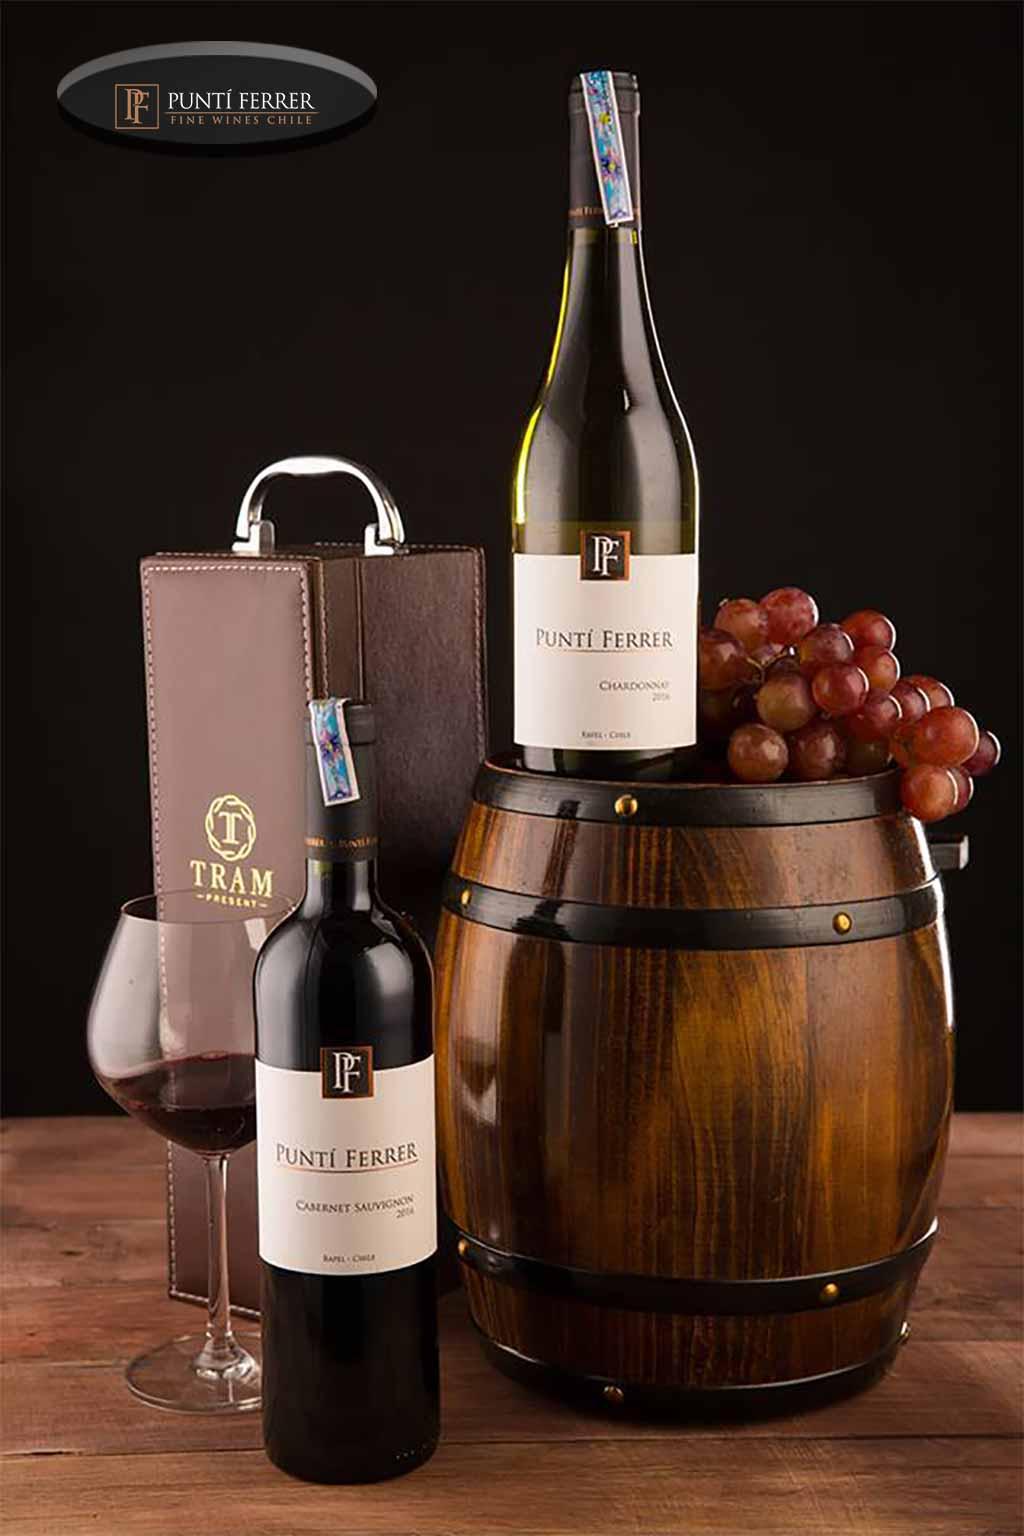 Dòng rượu vang Punti Ferrer Cabernet Sauvignon - Chardonnay